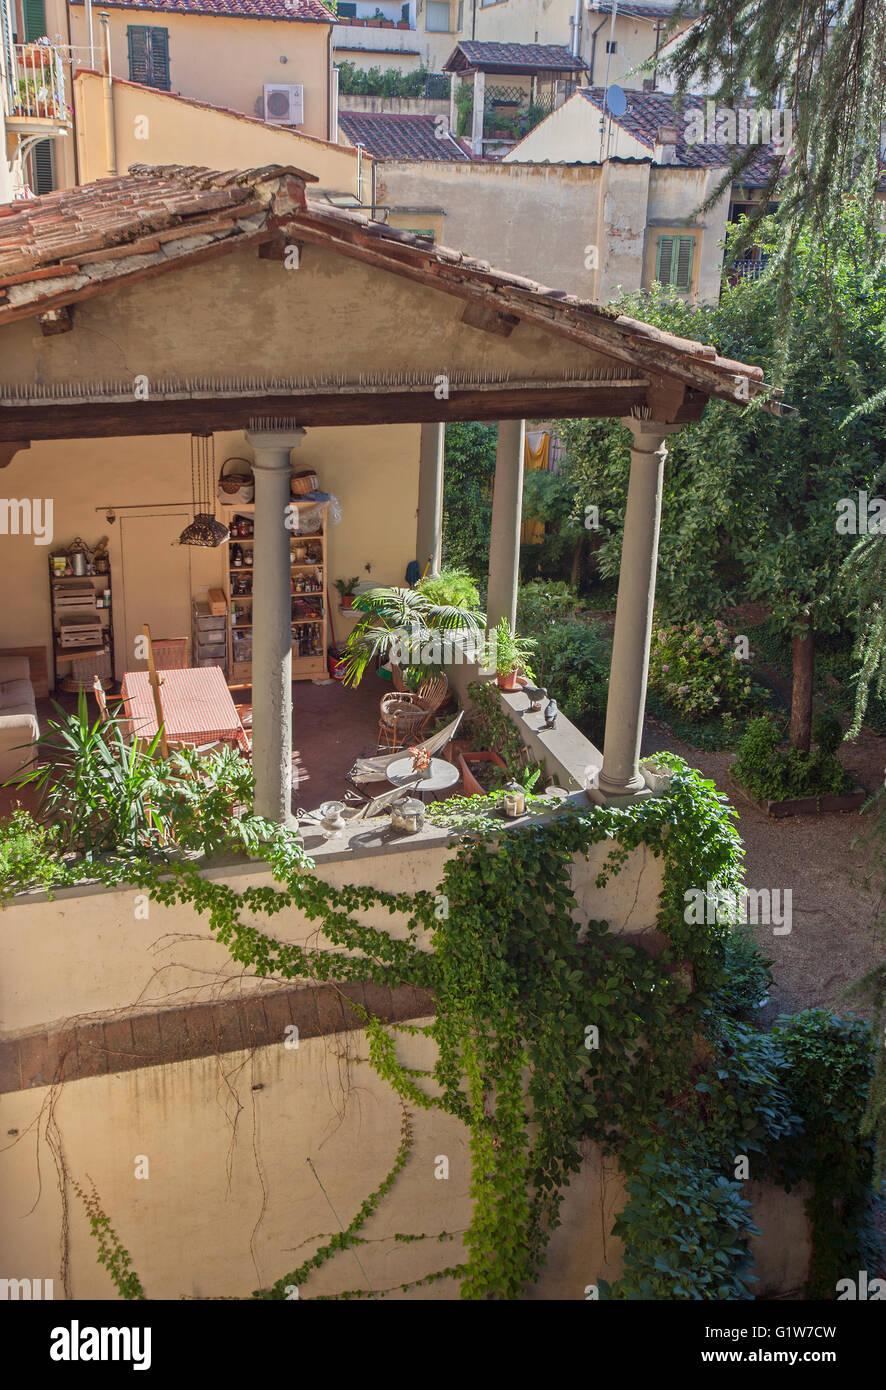 Terrace Garden Stock Photos & Terrace Garden Stock Images - Alamy